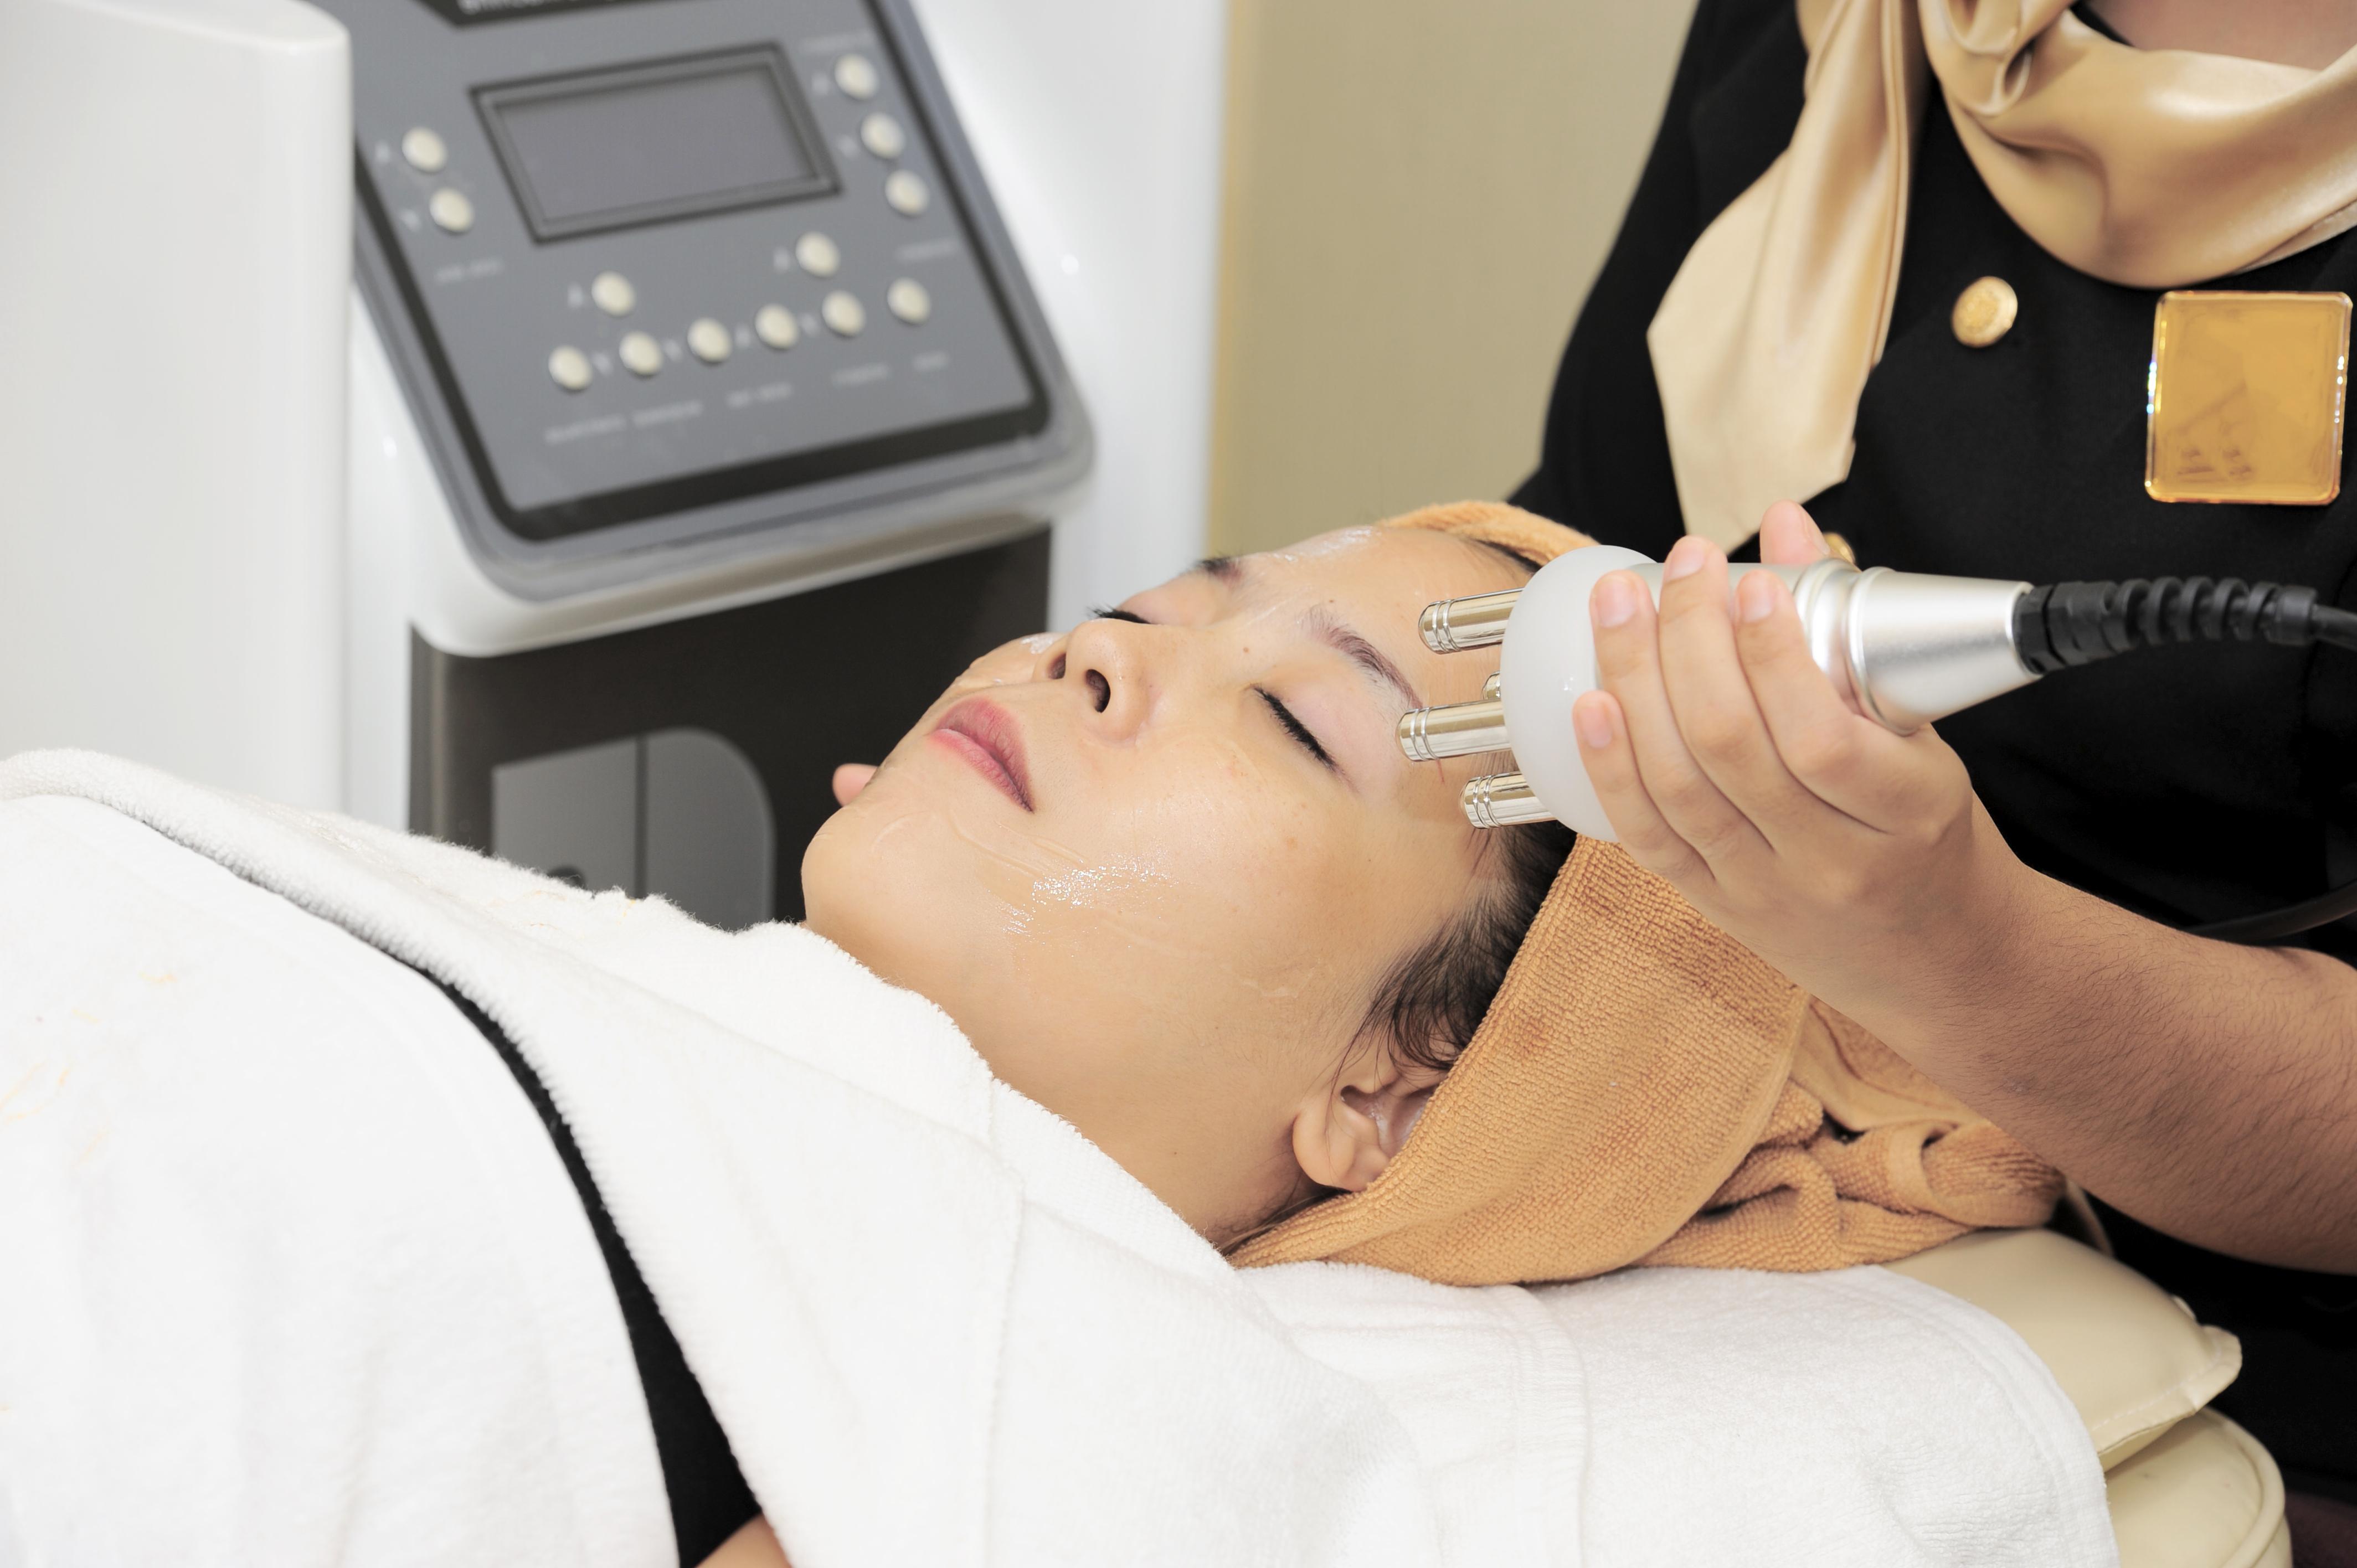 Biaya Perawatan Wajah Berjerawat Bopeng Diclinik E3a